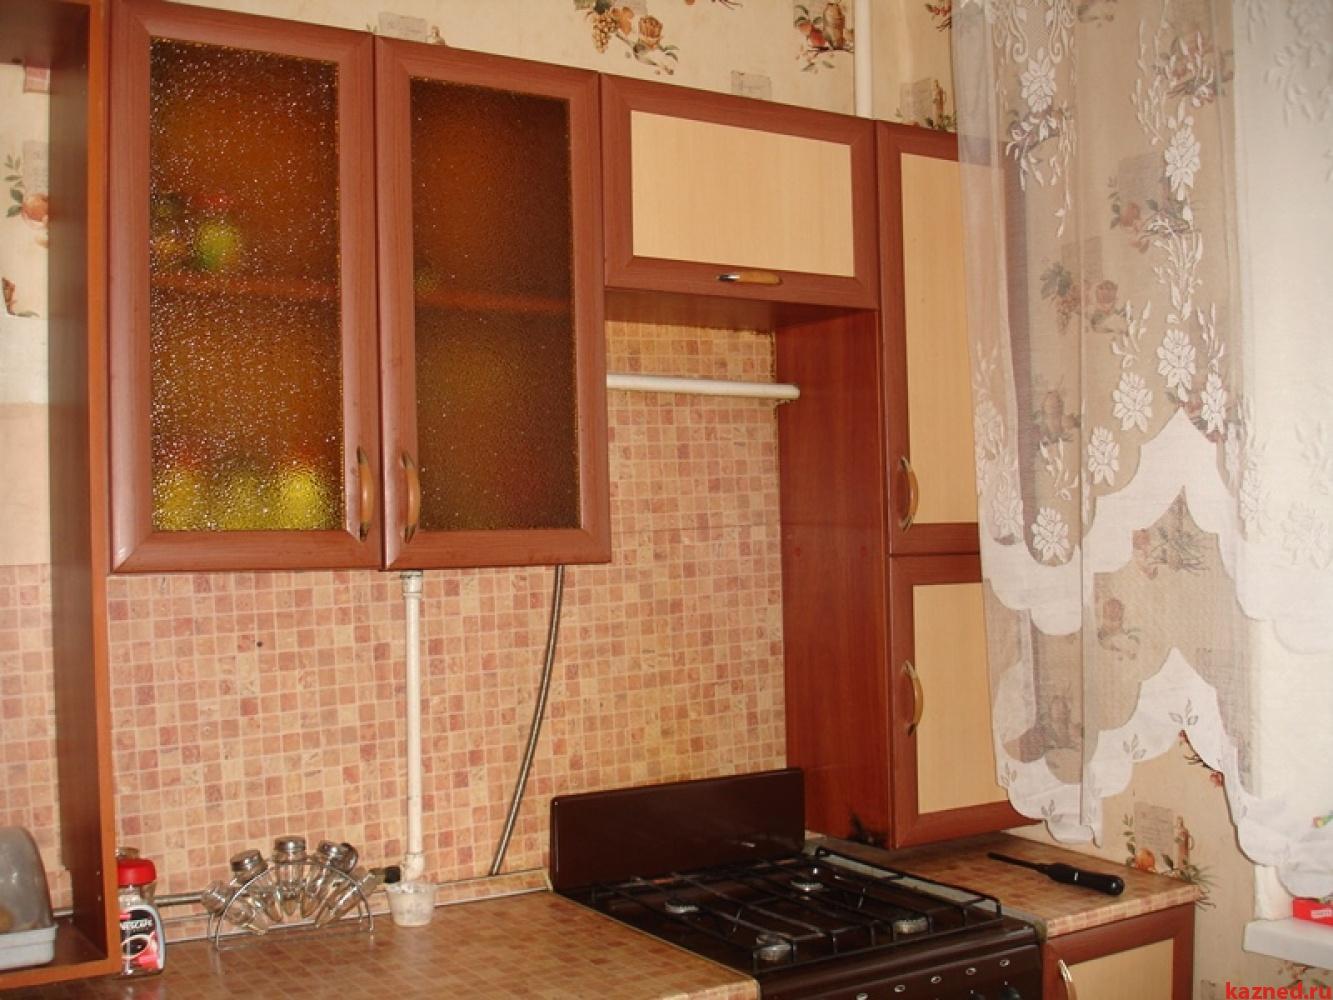 Продажа 1-к квартиры Шоссейная,24, 34 м²  (миниатюра №3)